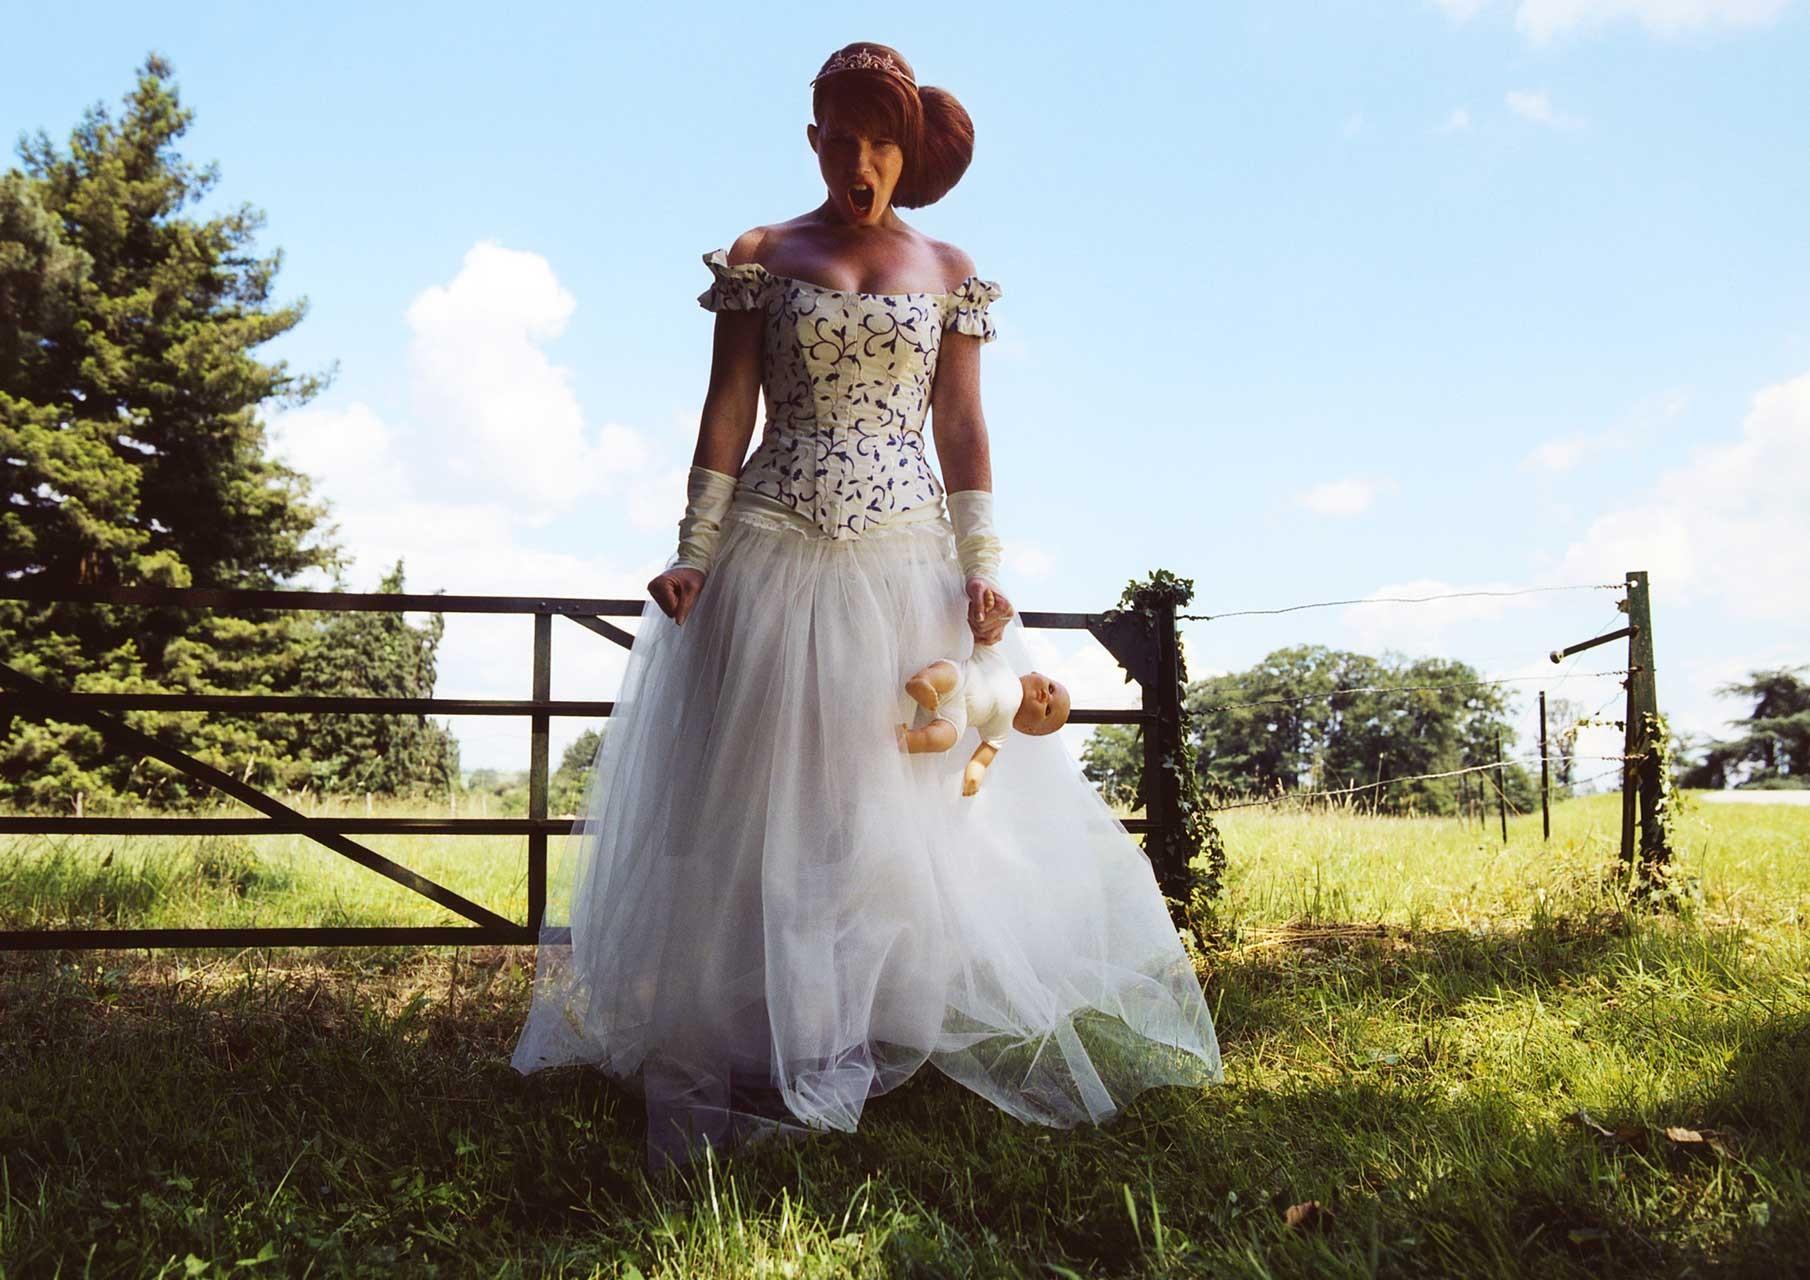 Laure-Maud_05_photographe_mode-ethique-fashion-DIY_100-pour-100-recyle